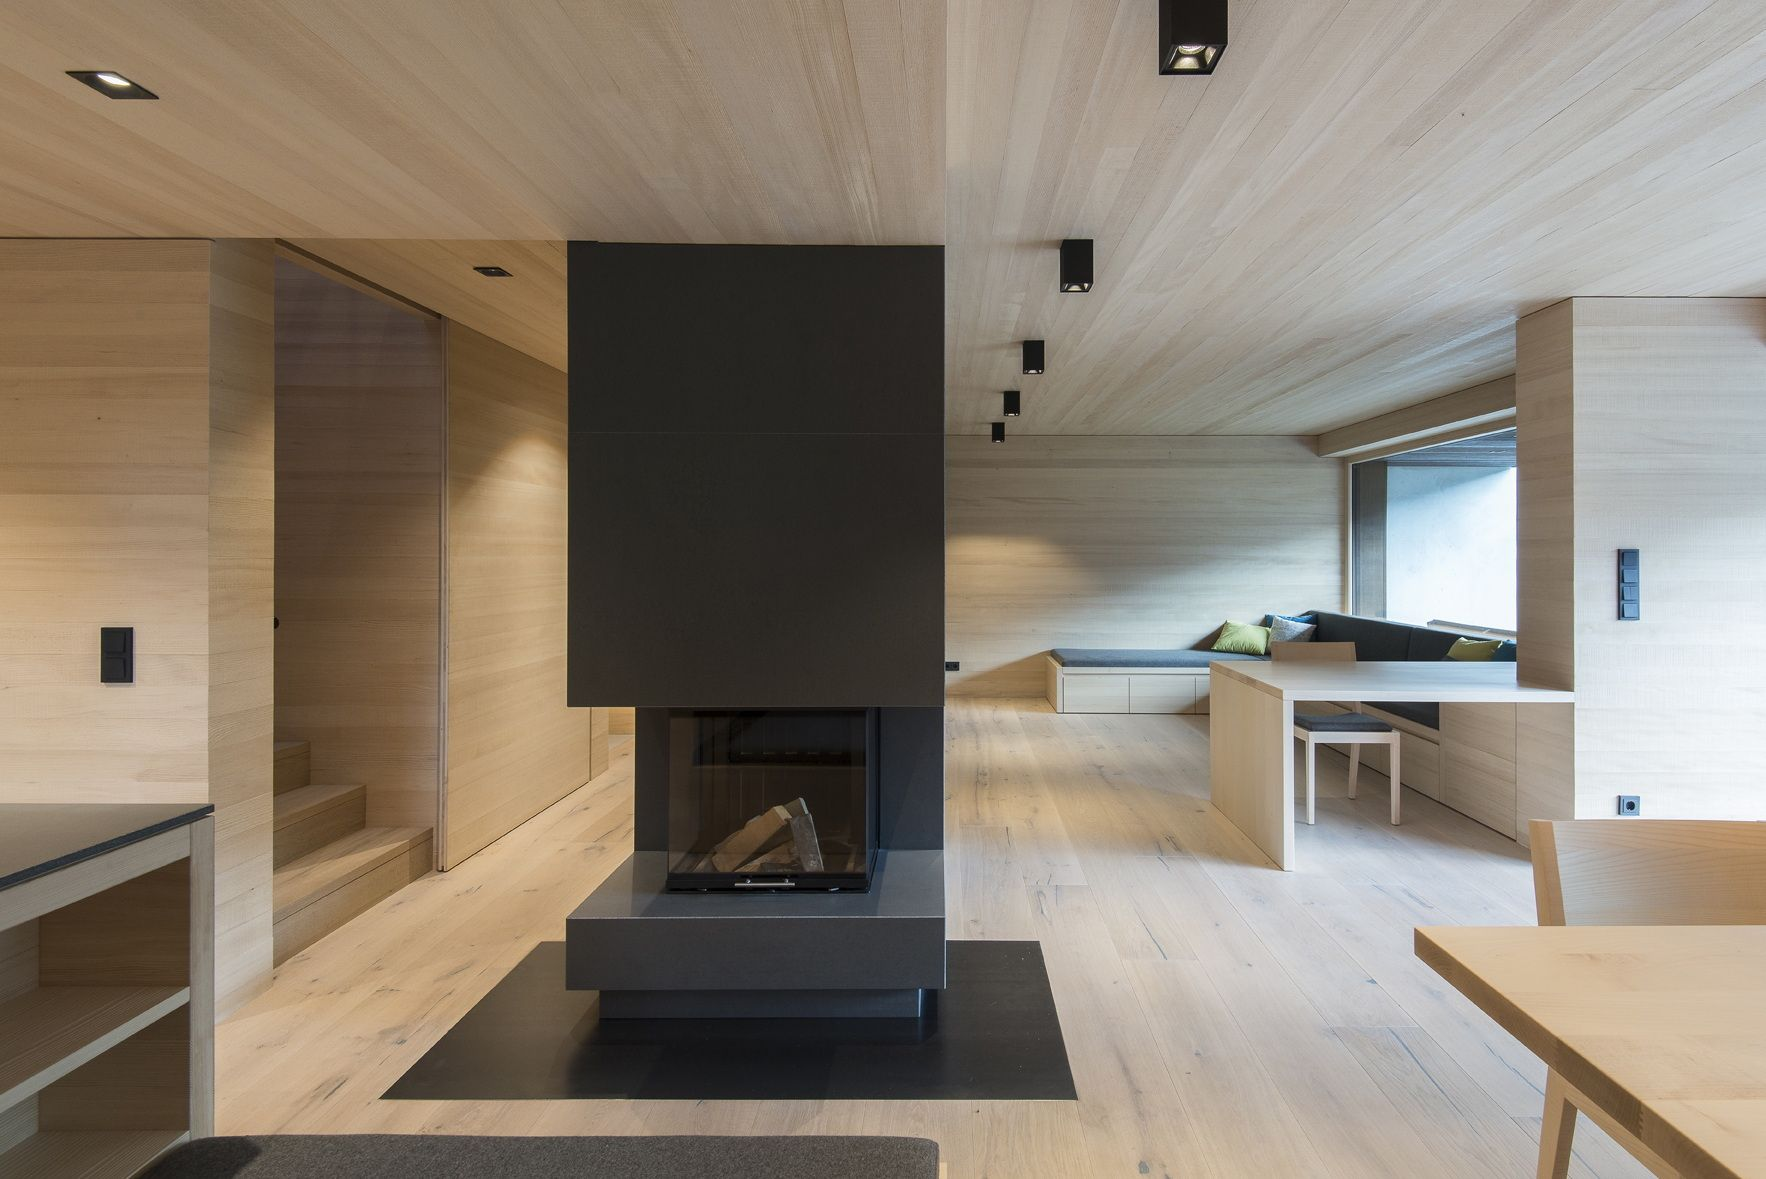 Zurückhaltende Öffnung - Umbau Eines Wohnhauses In Zell Am See ... Wohnzimmer In Wintergarten Haus Renovierung